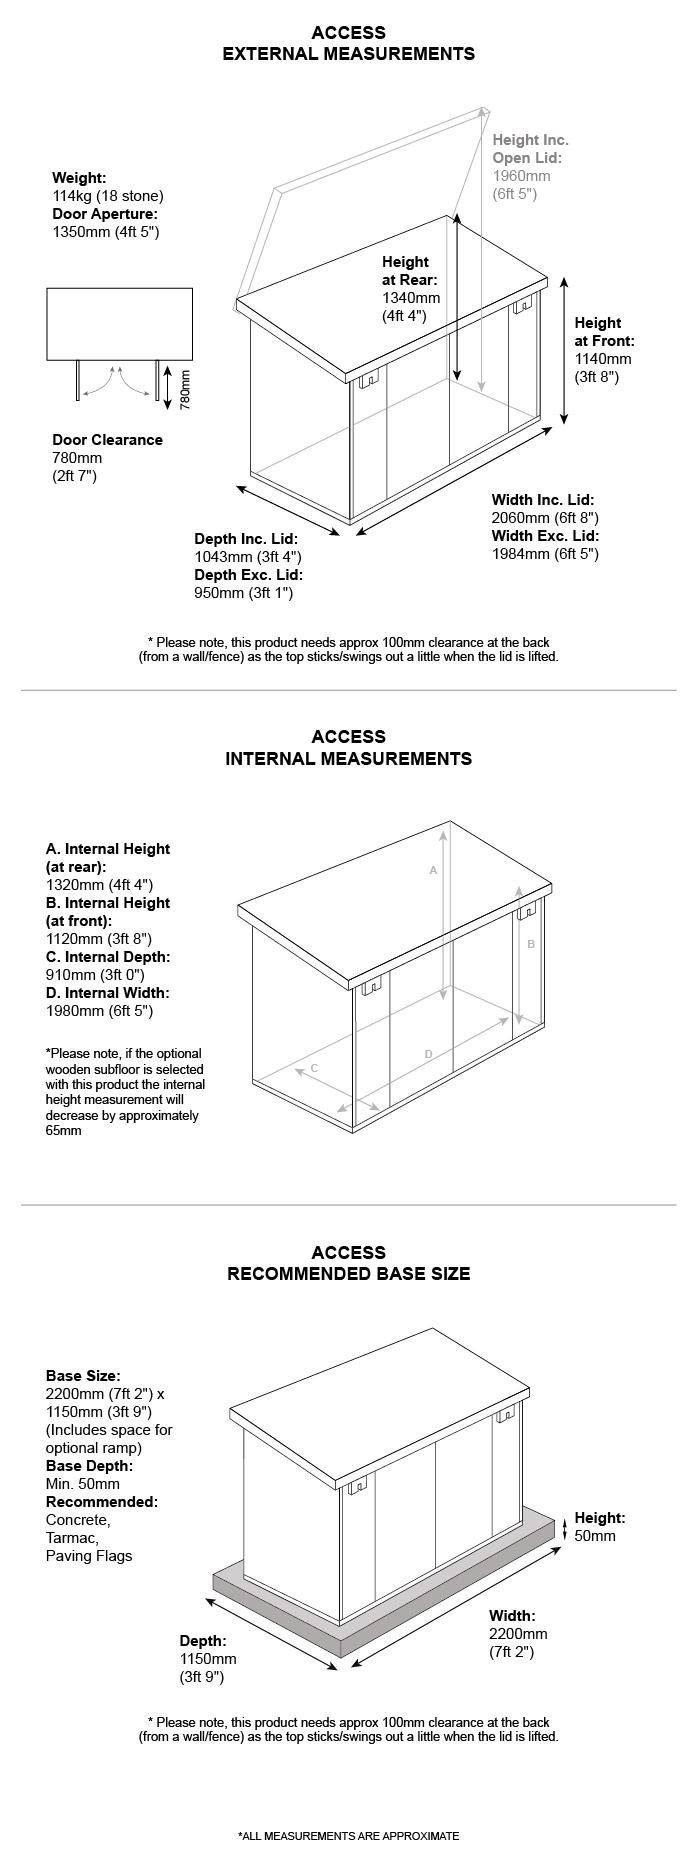 School Storage Pack 7 dimensions